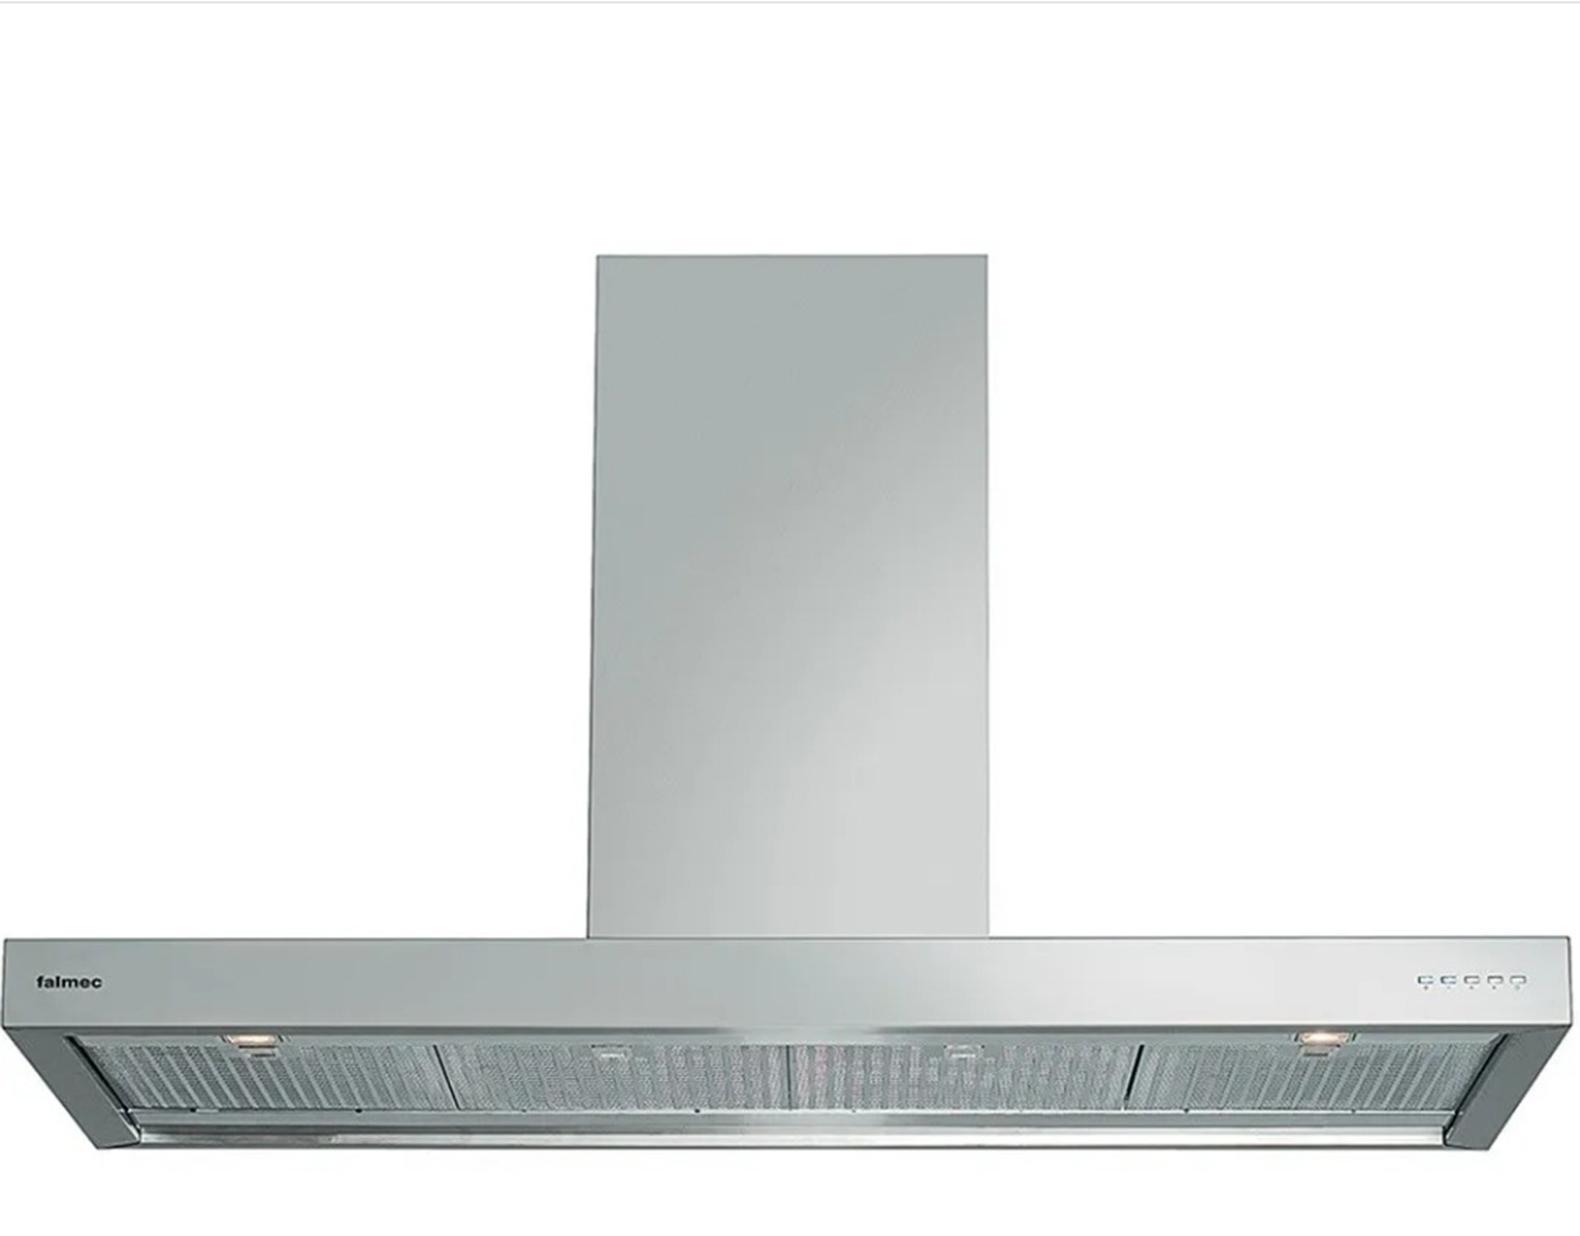 Coifa Apolo de parede 1,20cm inox 110V - Falmec